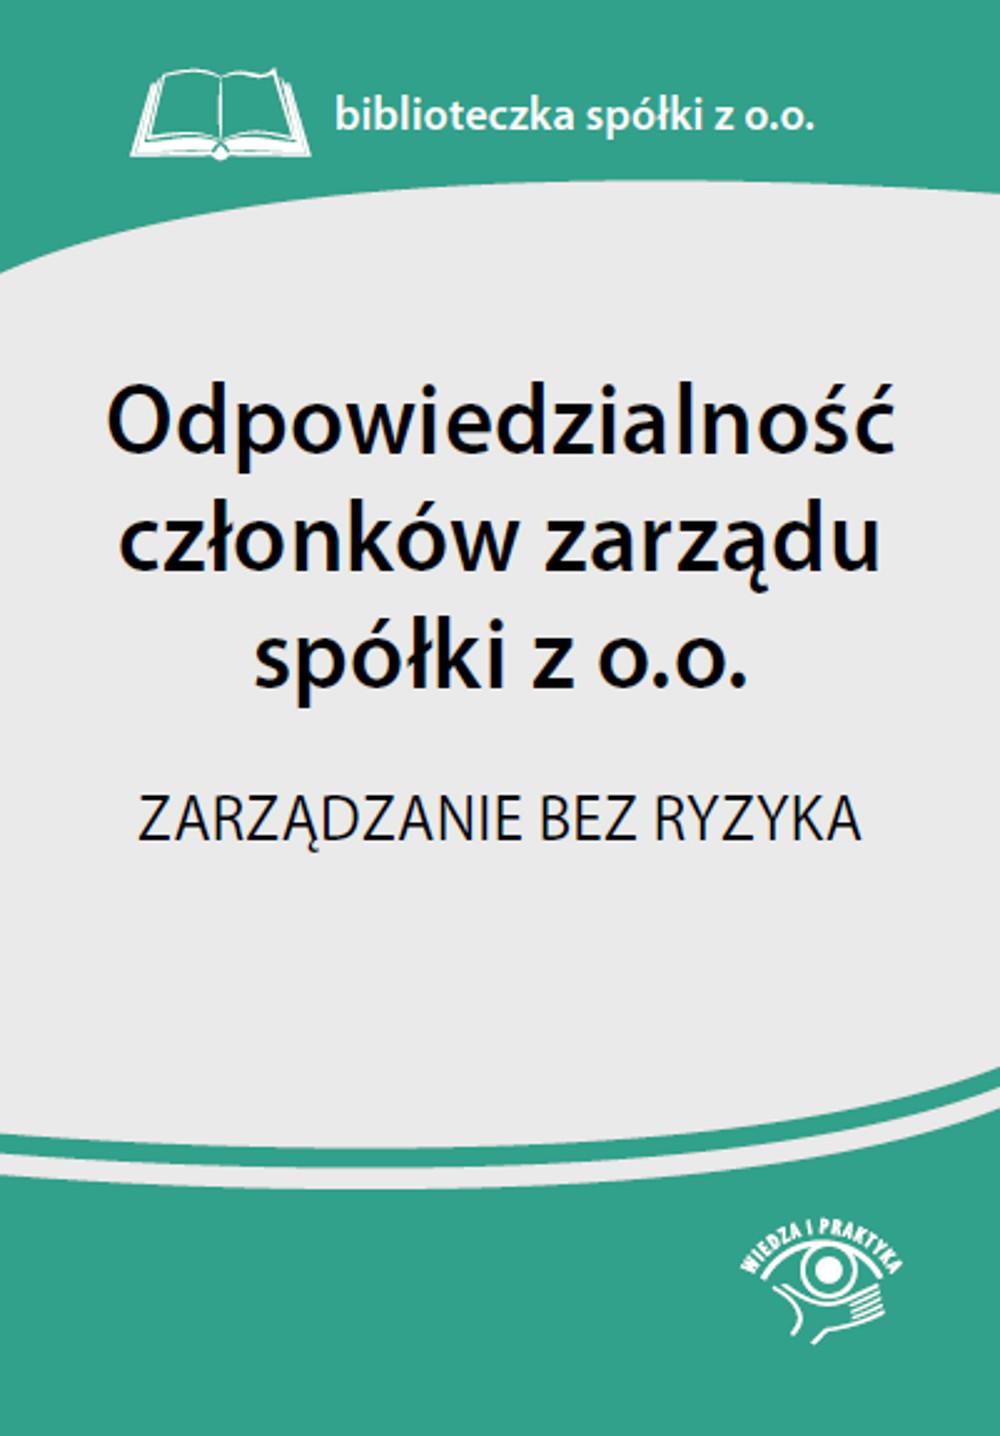 Odpowiedzialność członków zarządu spółki z o.o. Zarządzanie bez ryzyka ebook